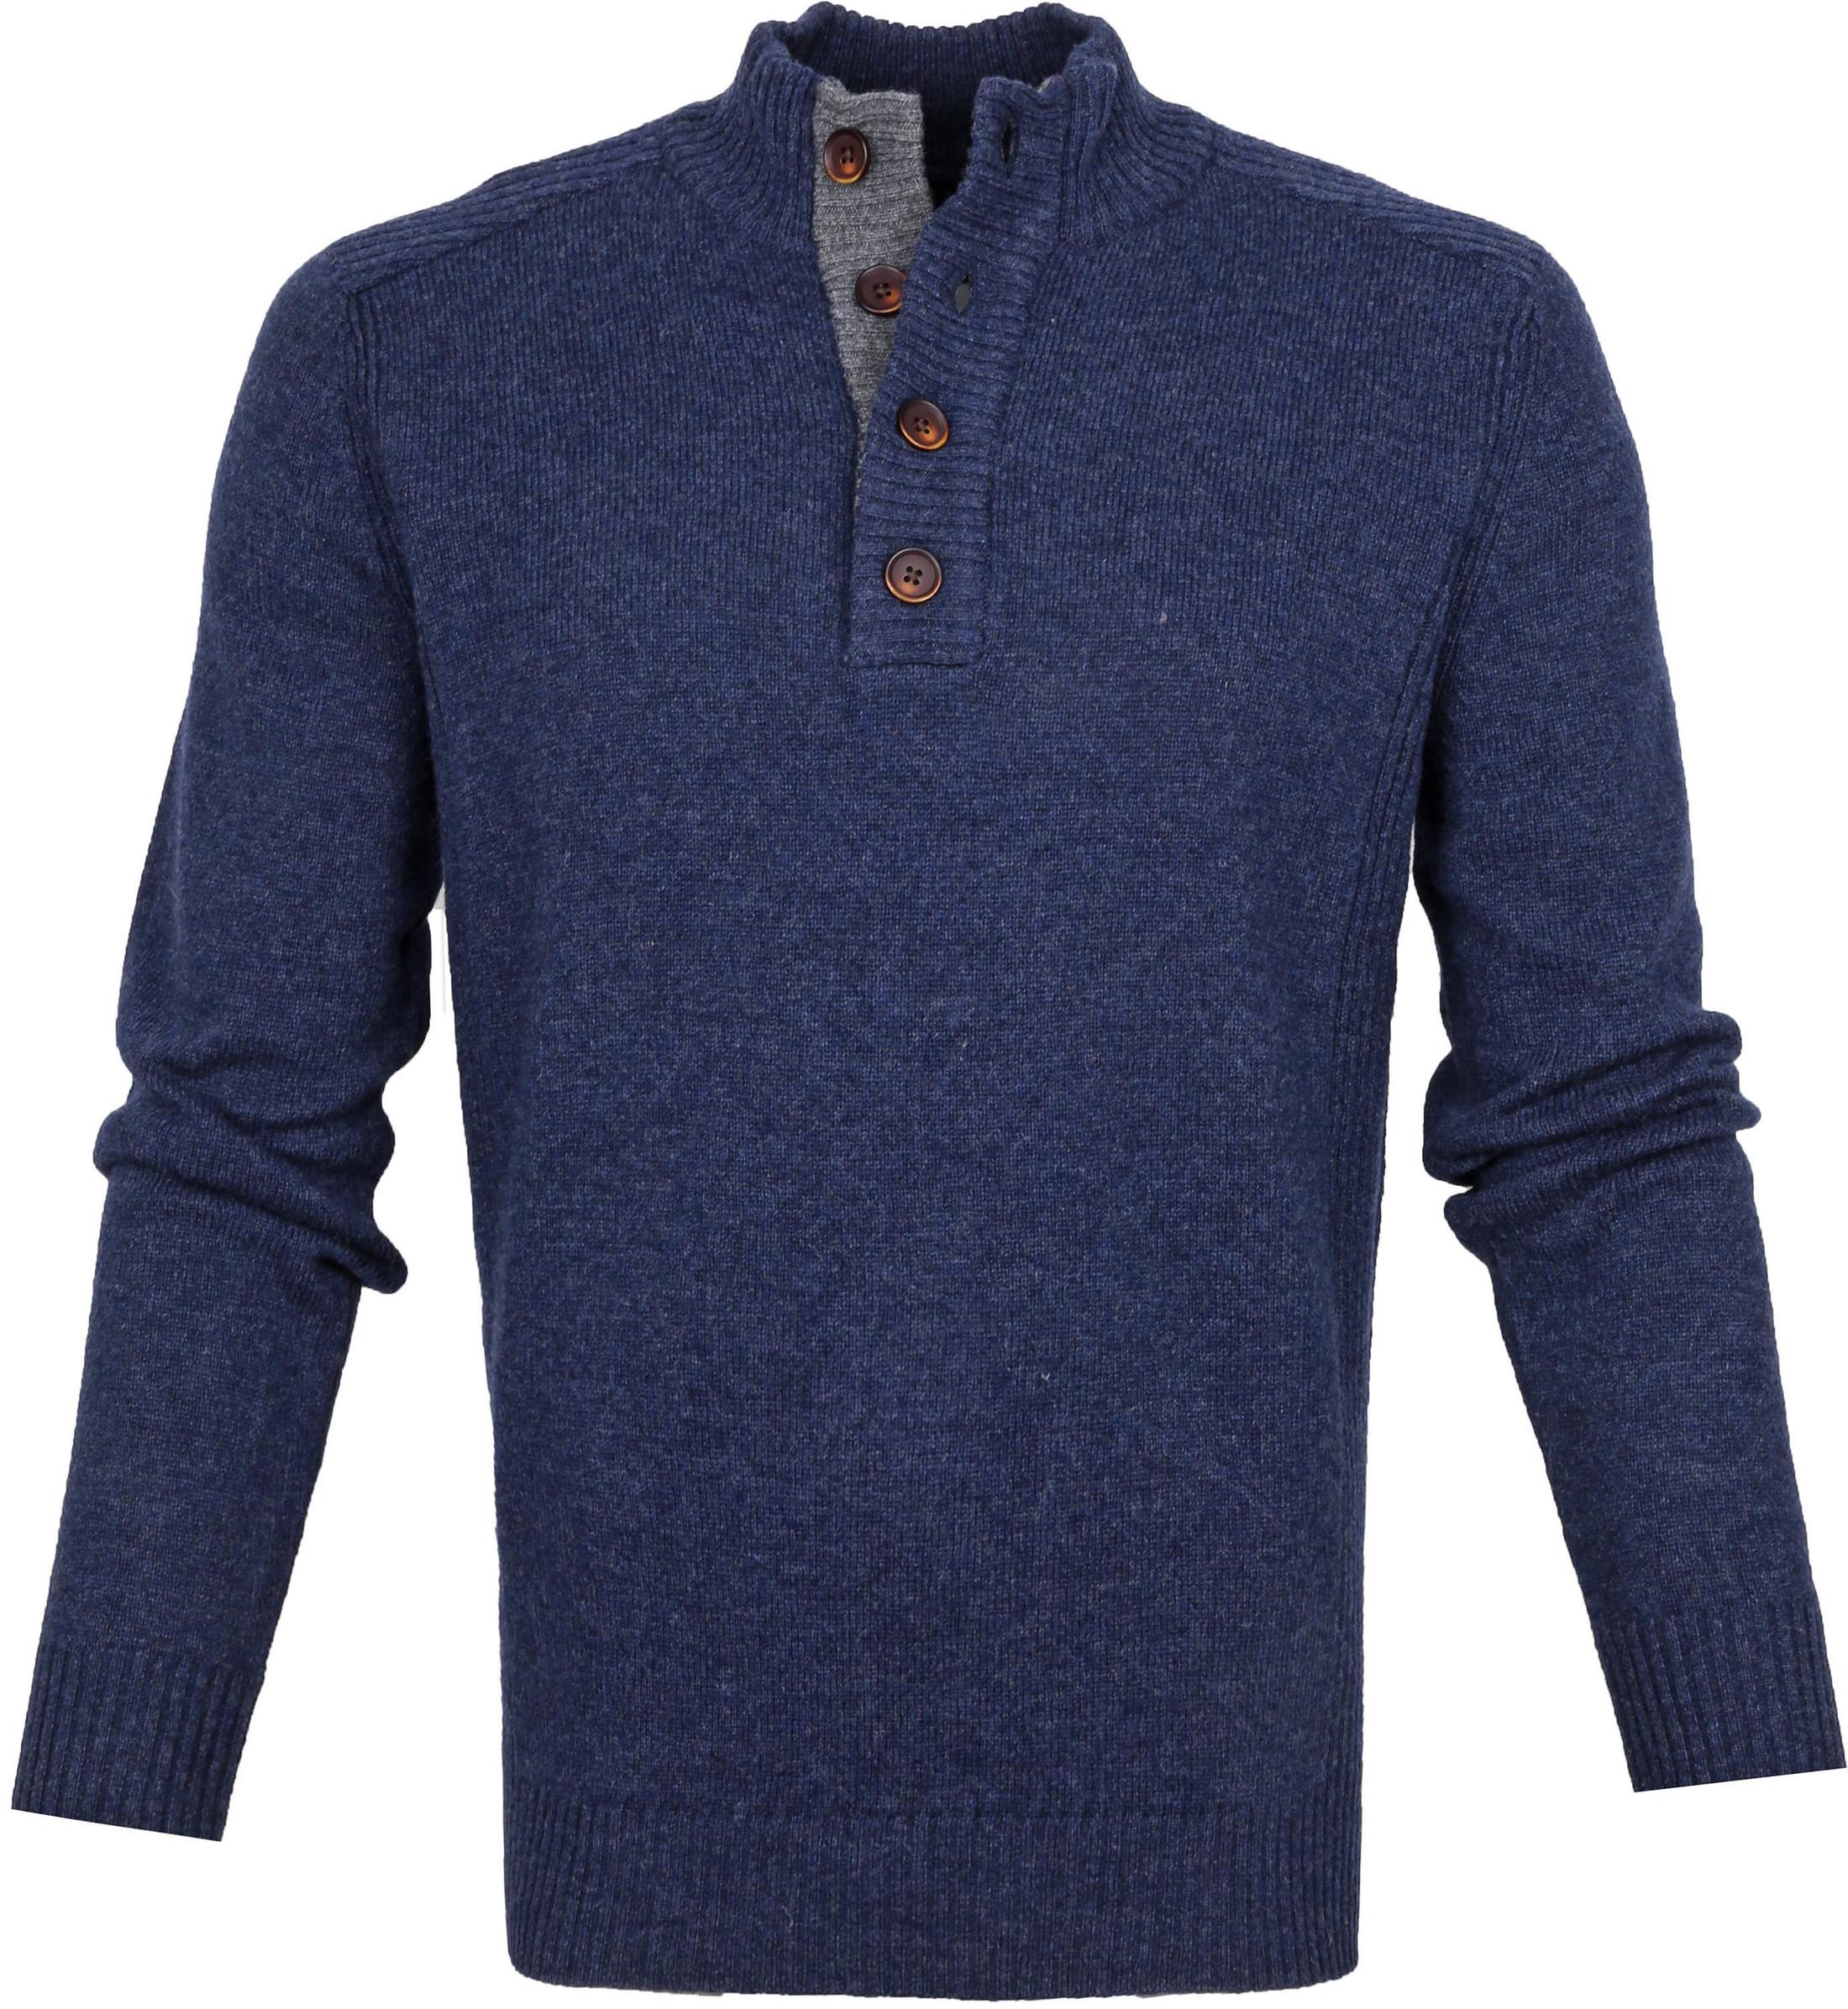 Suitable Fijn Lamswol 9 garen Mocker Pullover Donkerblauw